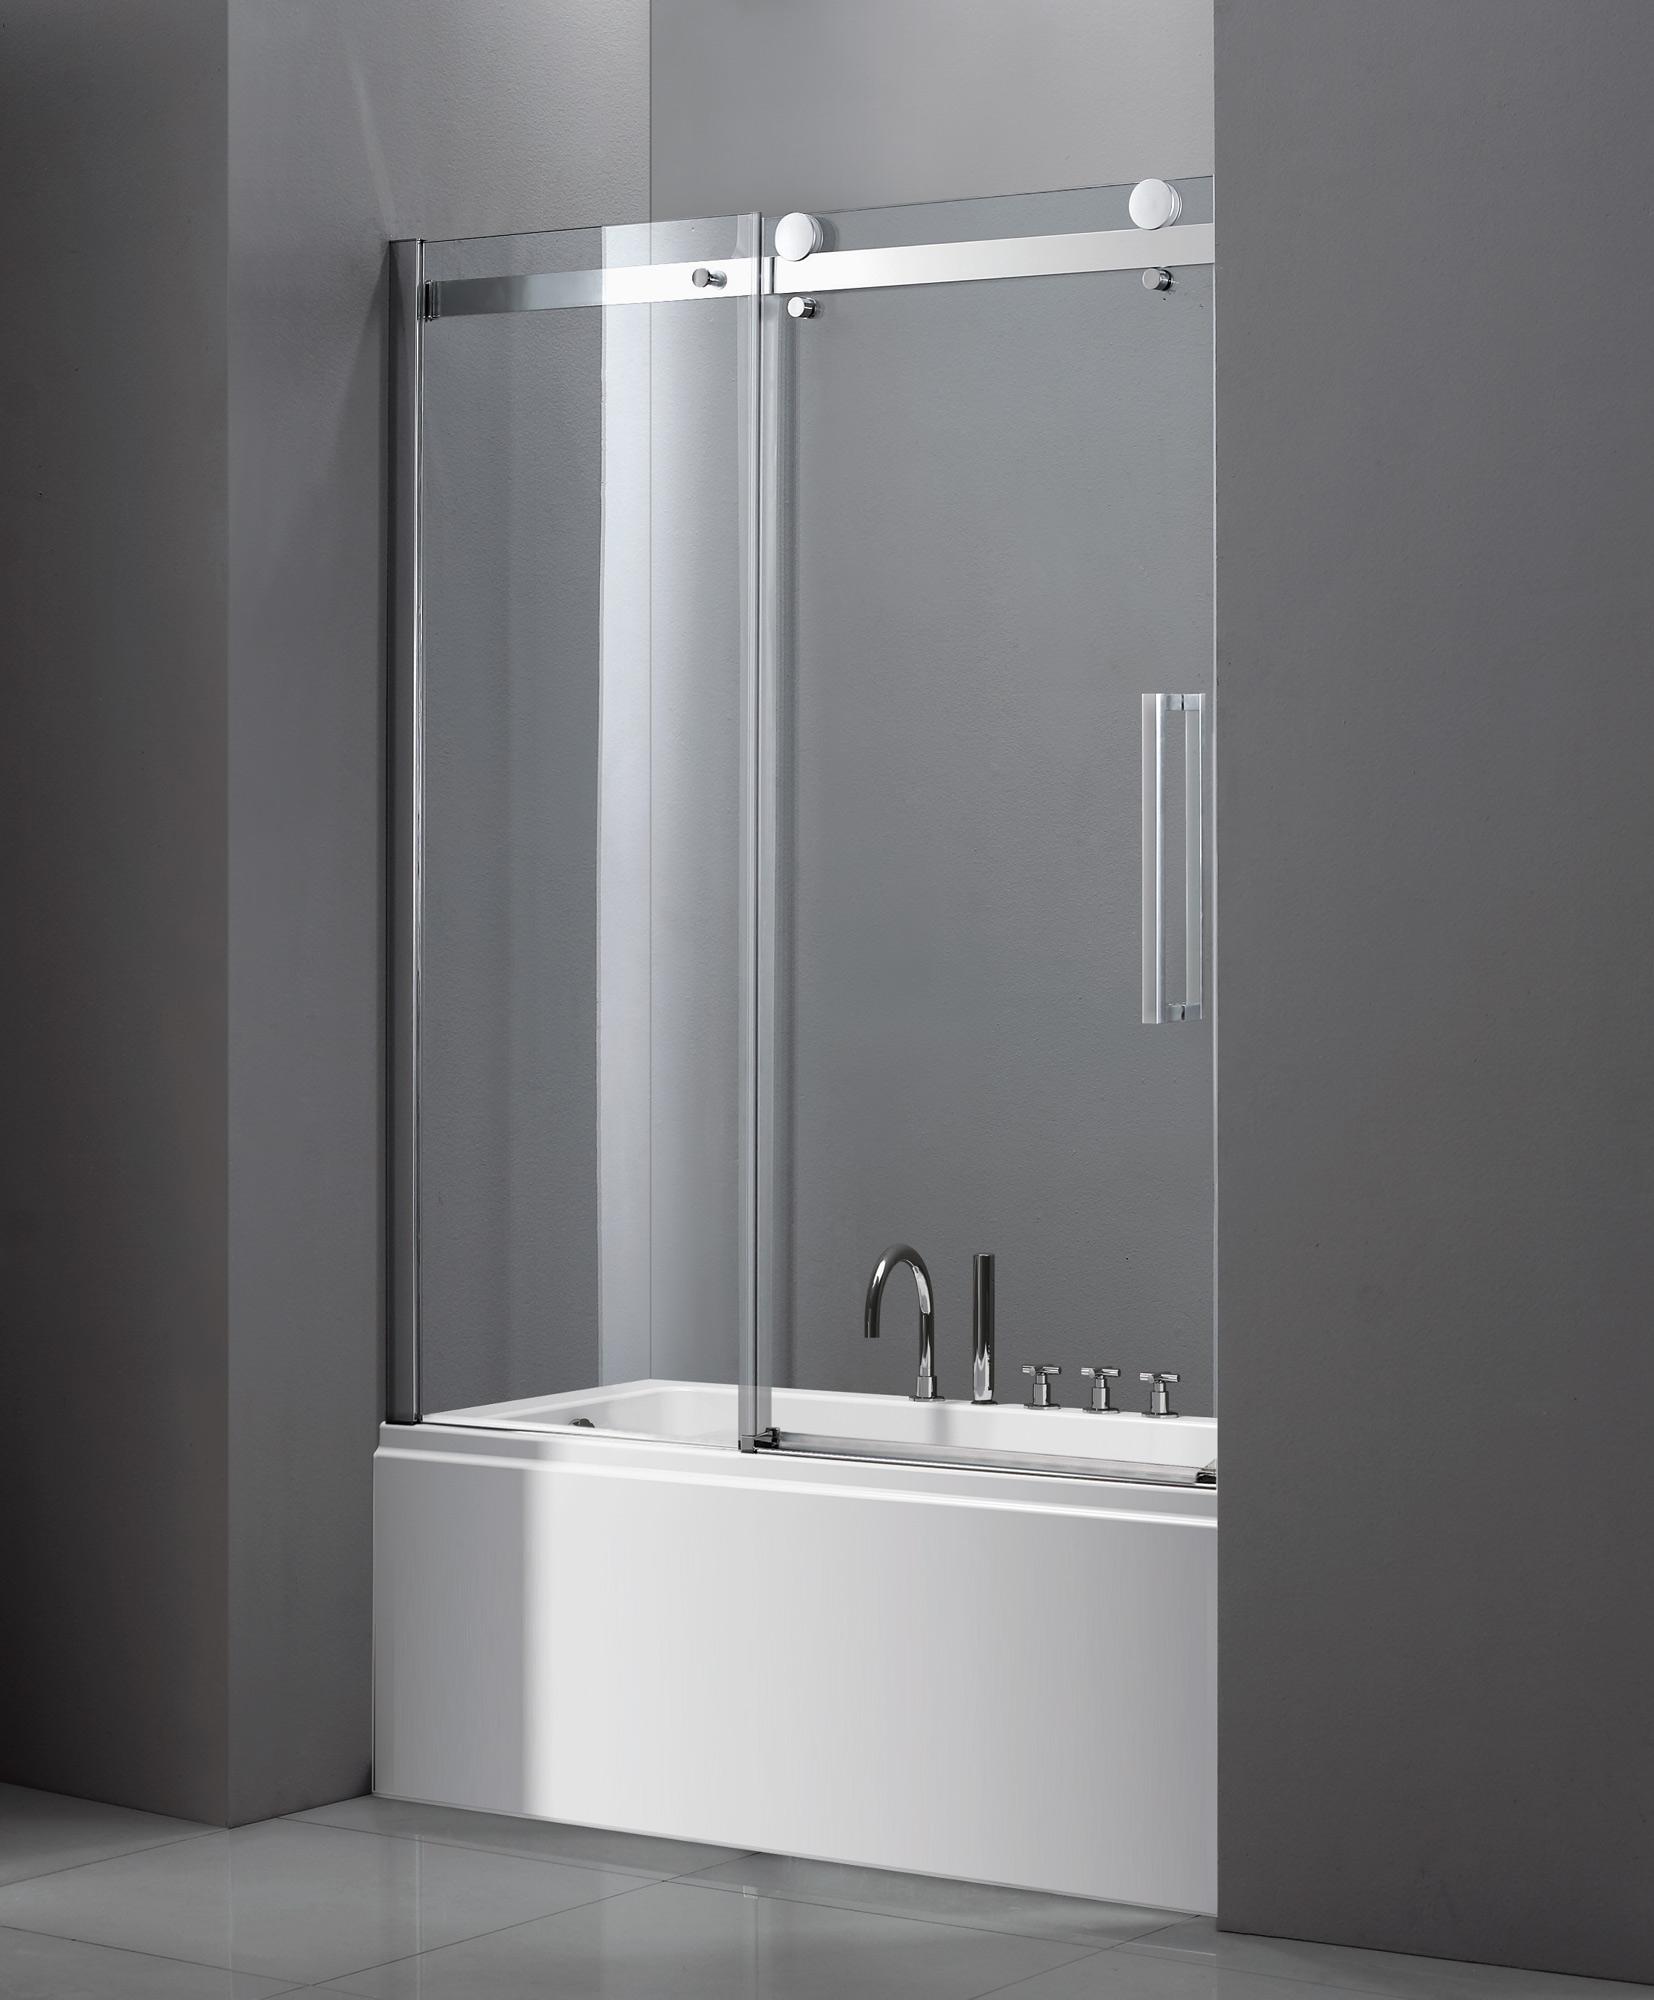 Раздвижная стеклянная шторка в ванной в серых тонах